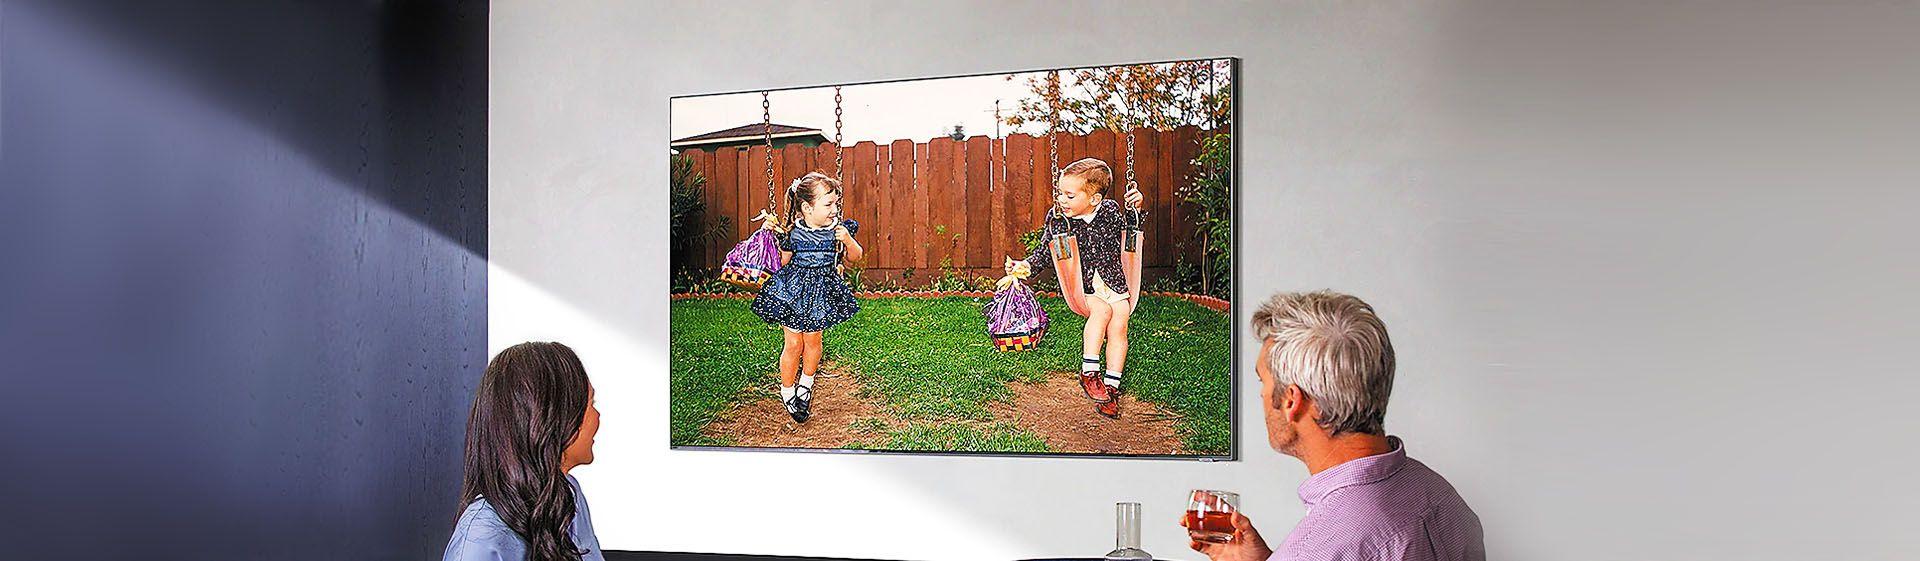 Samsung Q800T: confira as primeiras impressões da TV 8K 2020 da marca